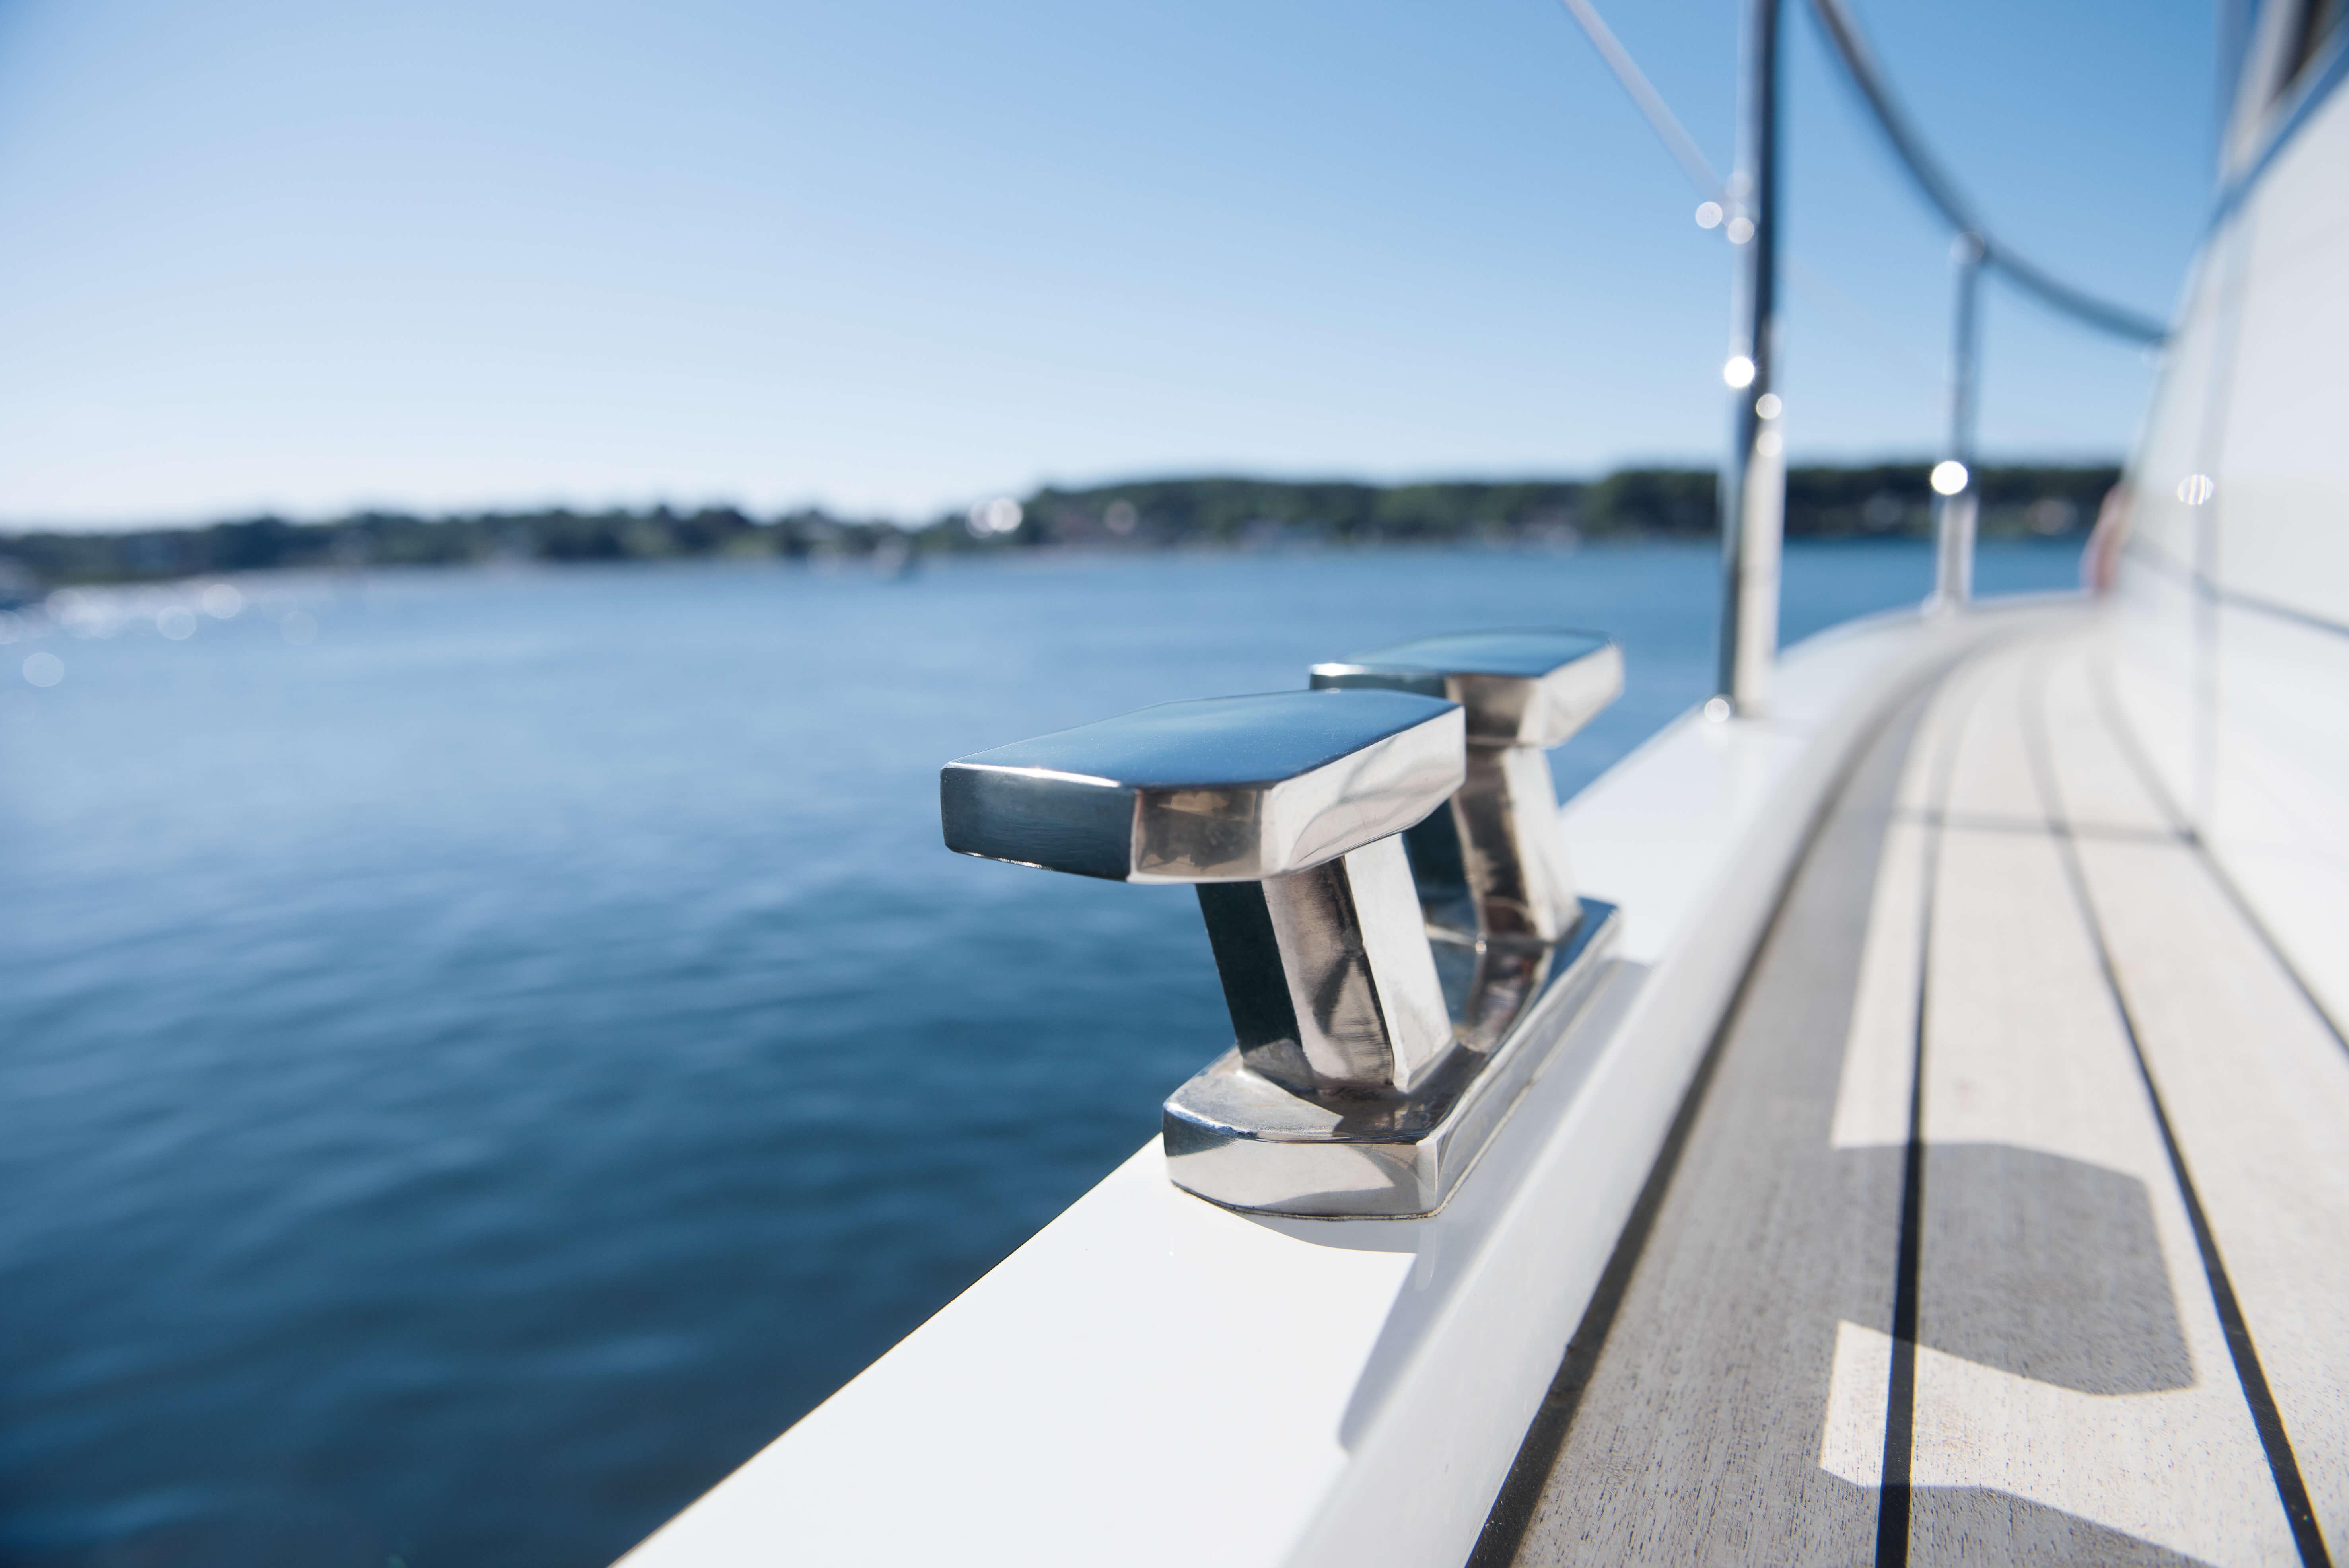 Exterior at anchor | clamp | Sealine